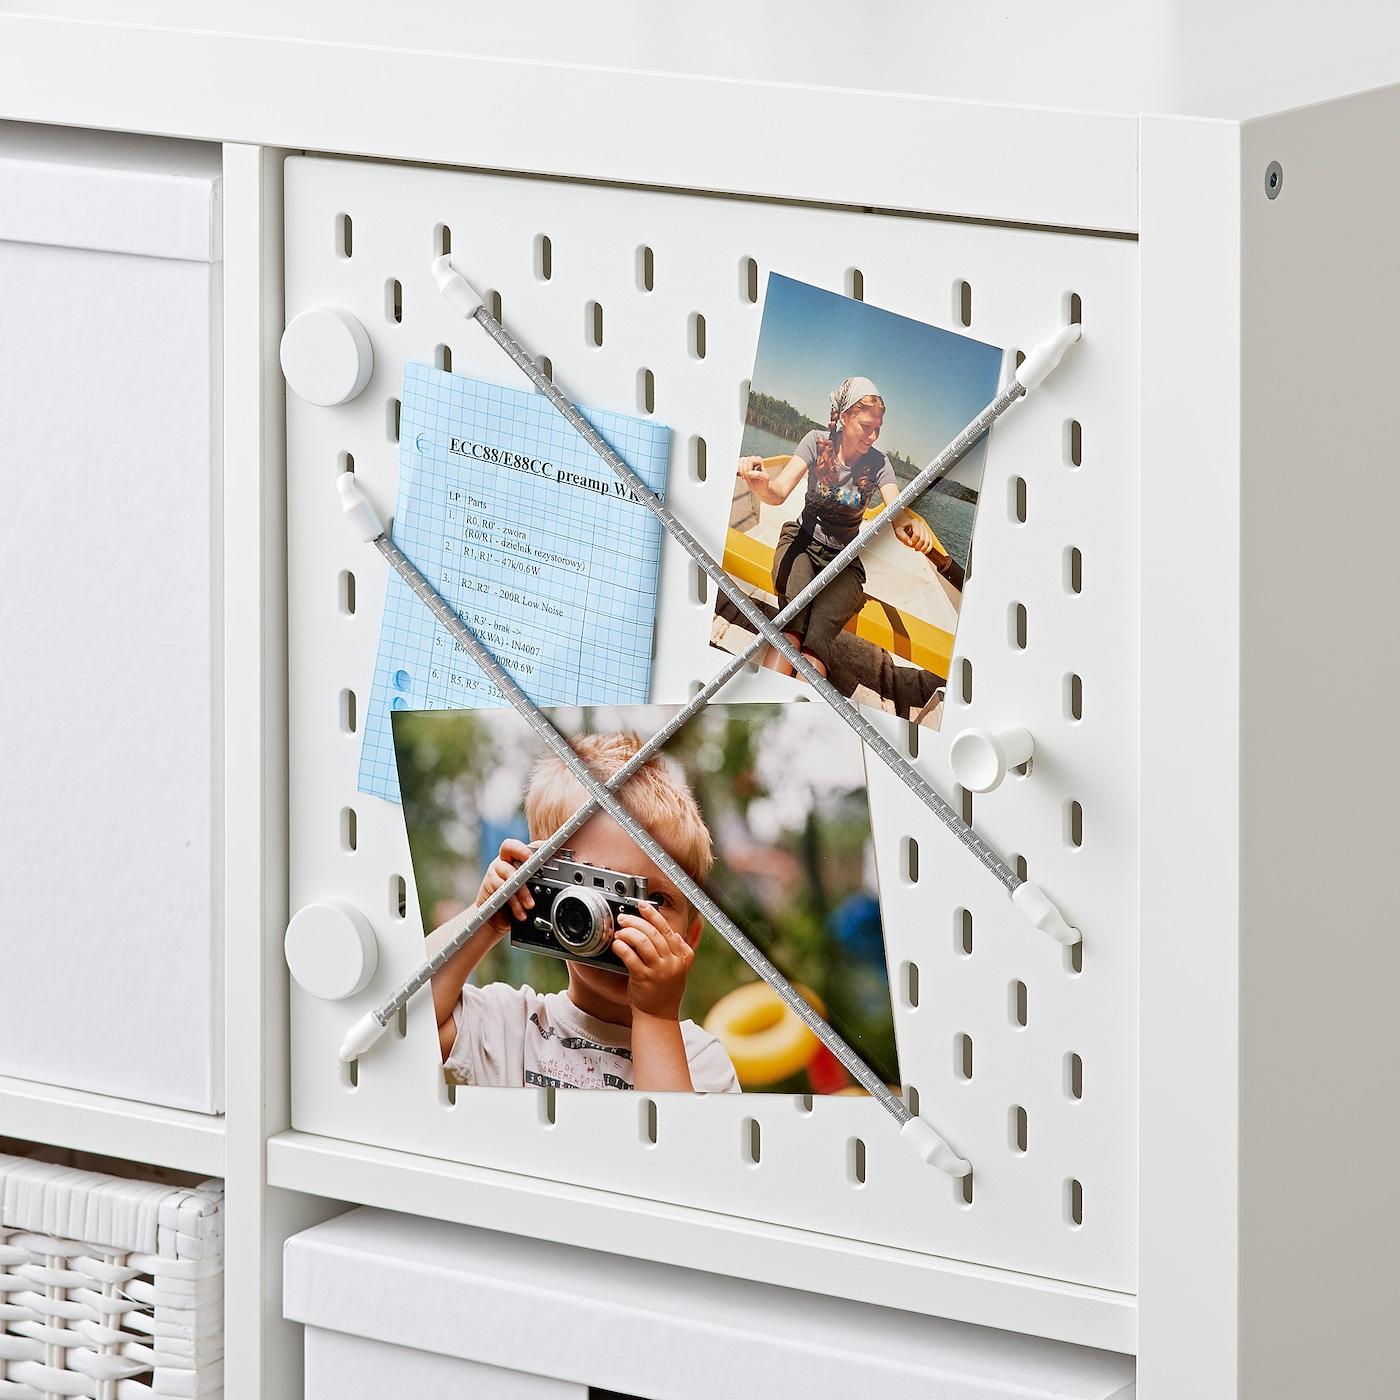 KALLAX Regaleinsatz mit Lochplatte weiß IKEA Österreich